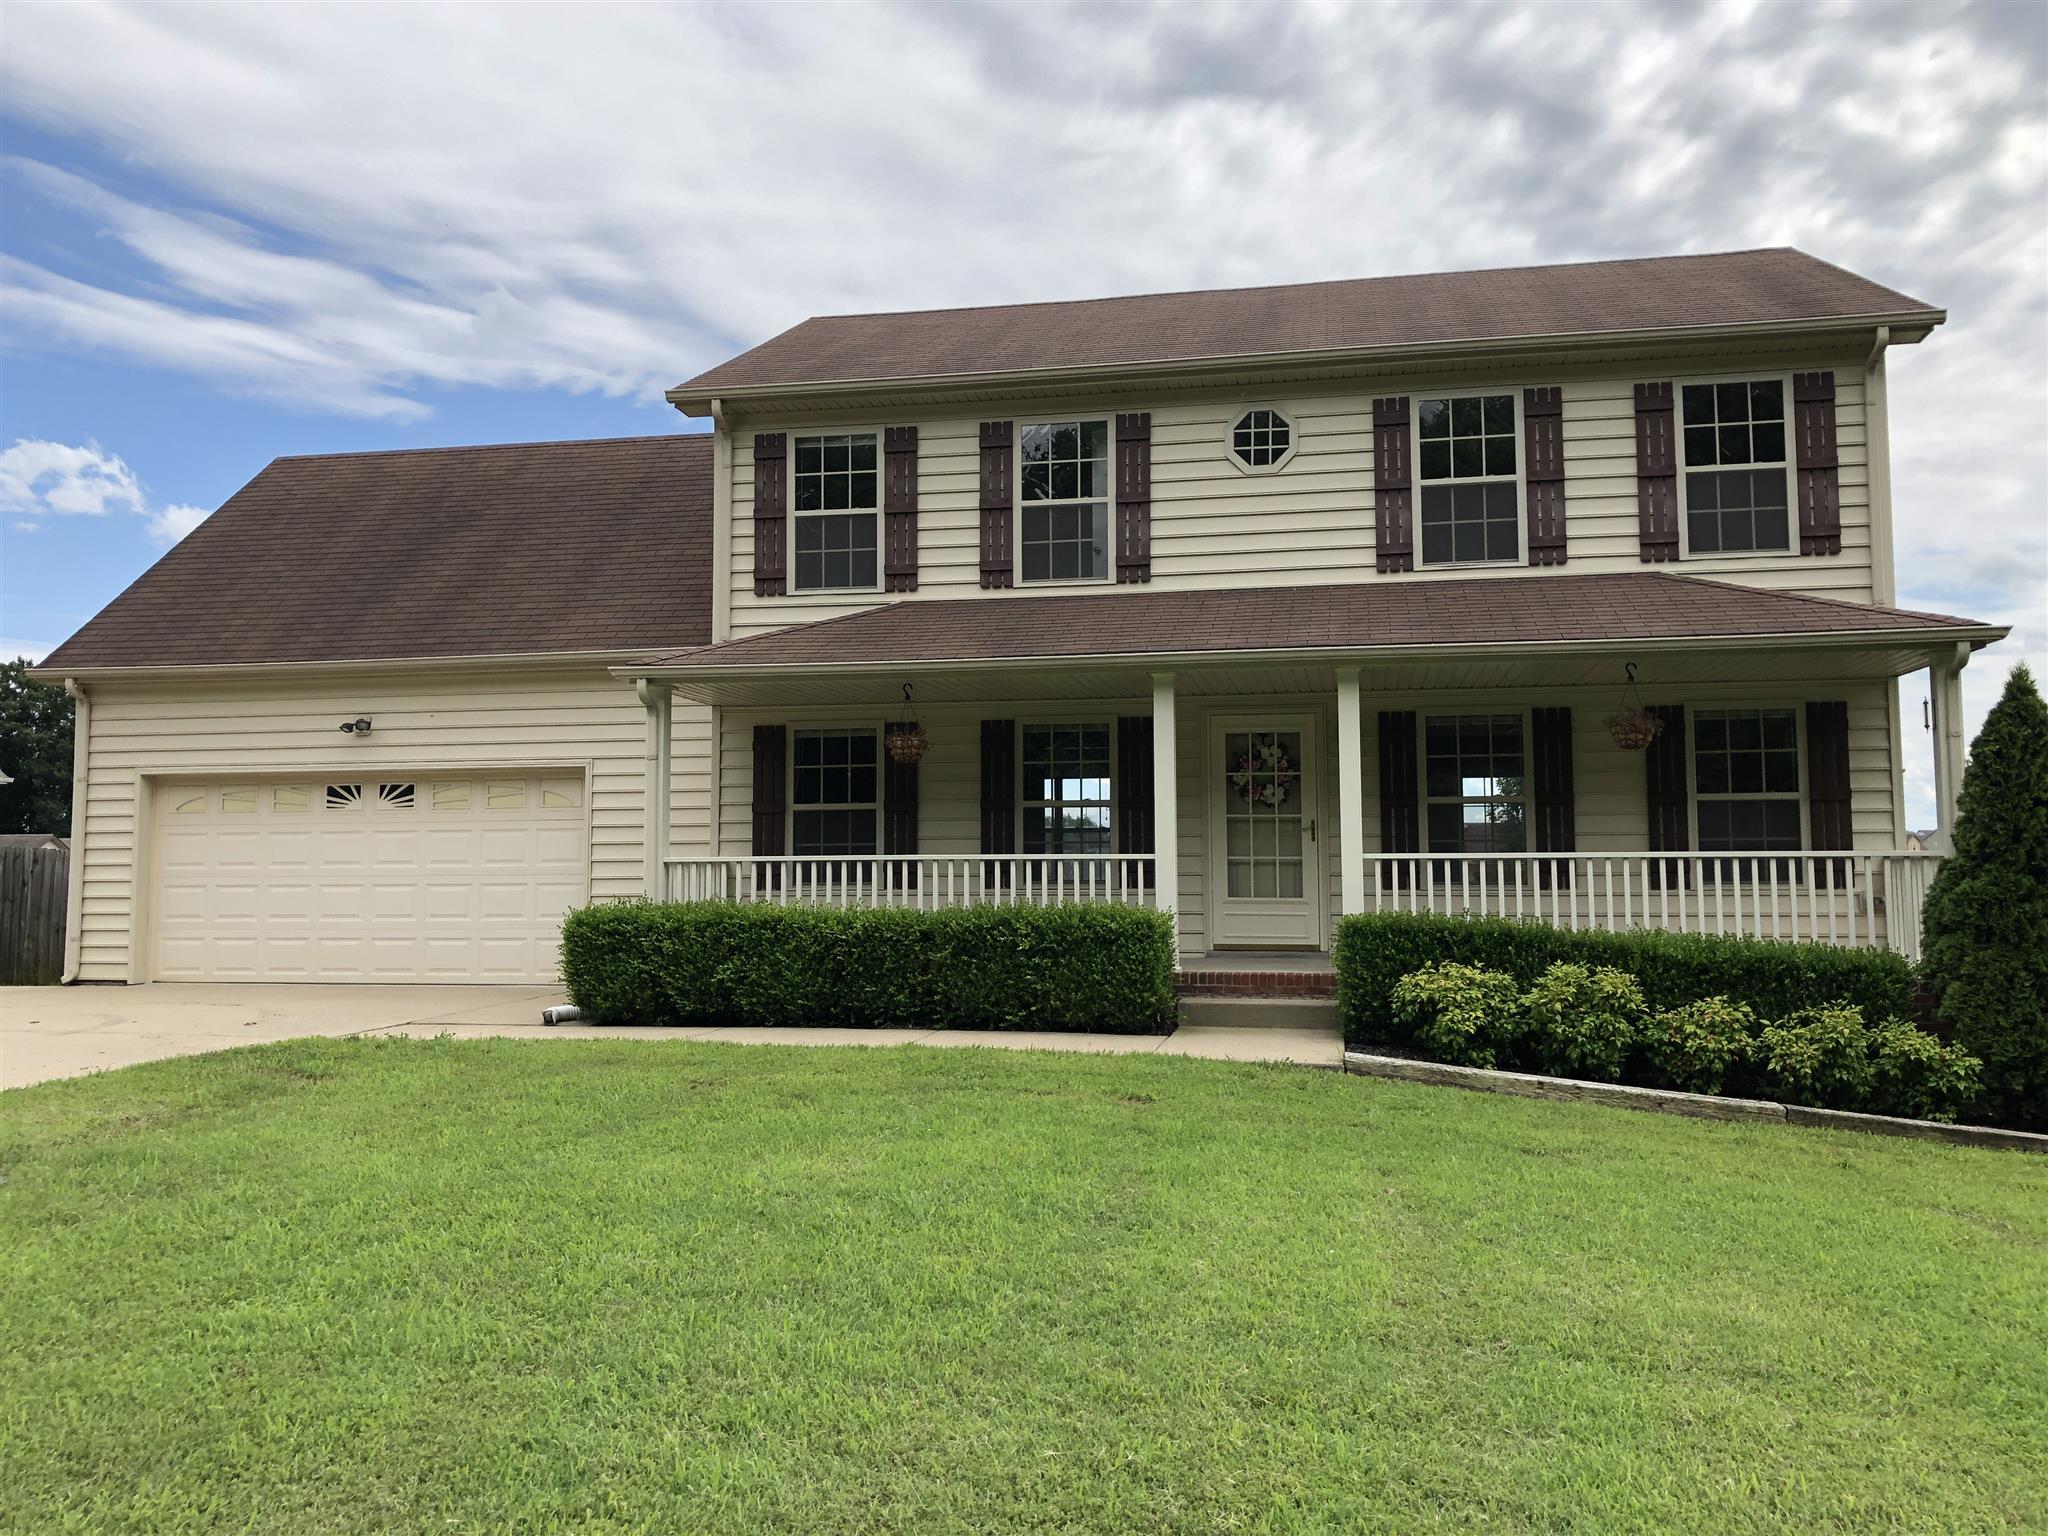 2224 Allen Griffey Rd, Clarksville, TN 37040 - Clarksville, TN real estate listing